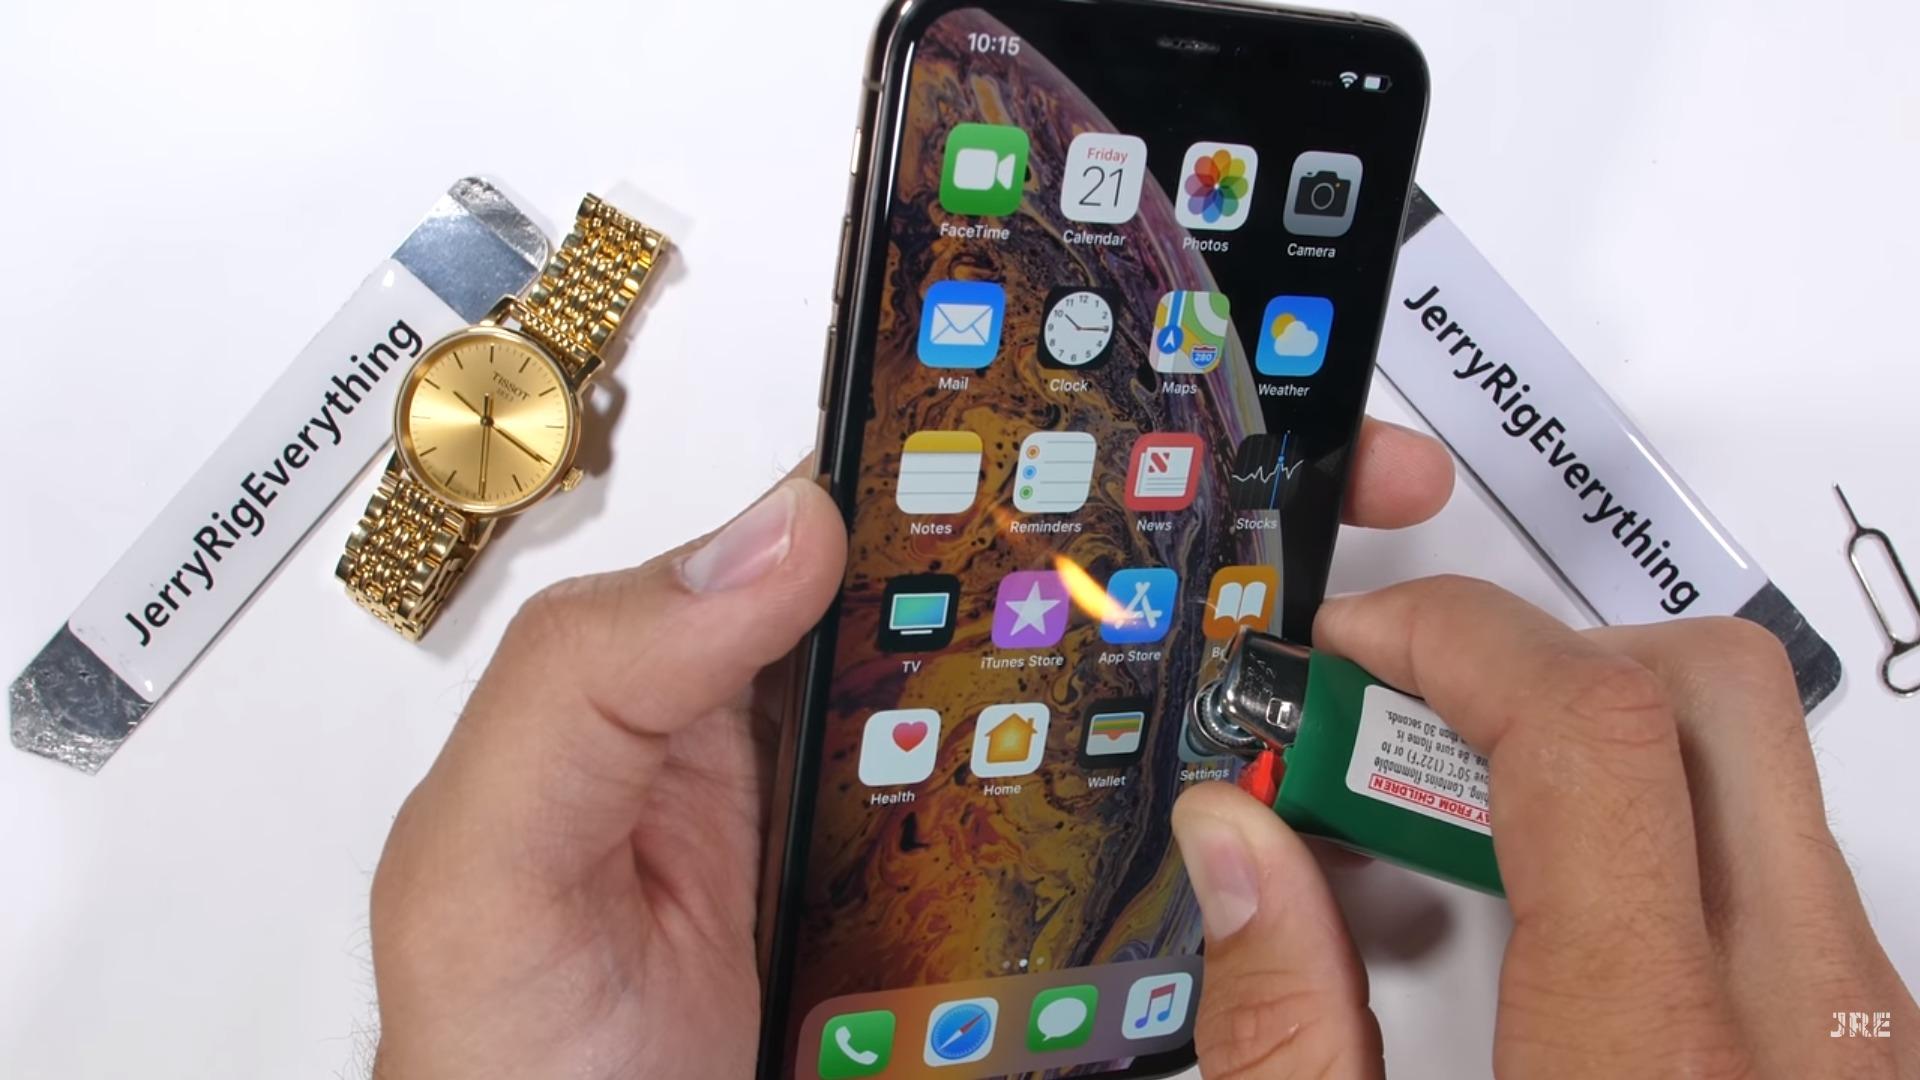 Zenbat da iraunkorra iPhone Xs Max?  Hemen duzu ehotzeko zaporea probatzeko proba!